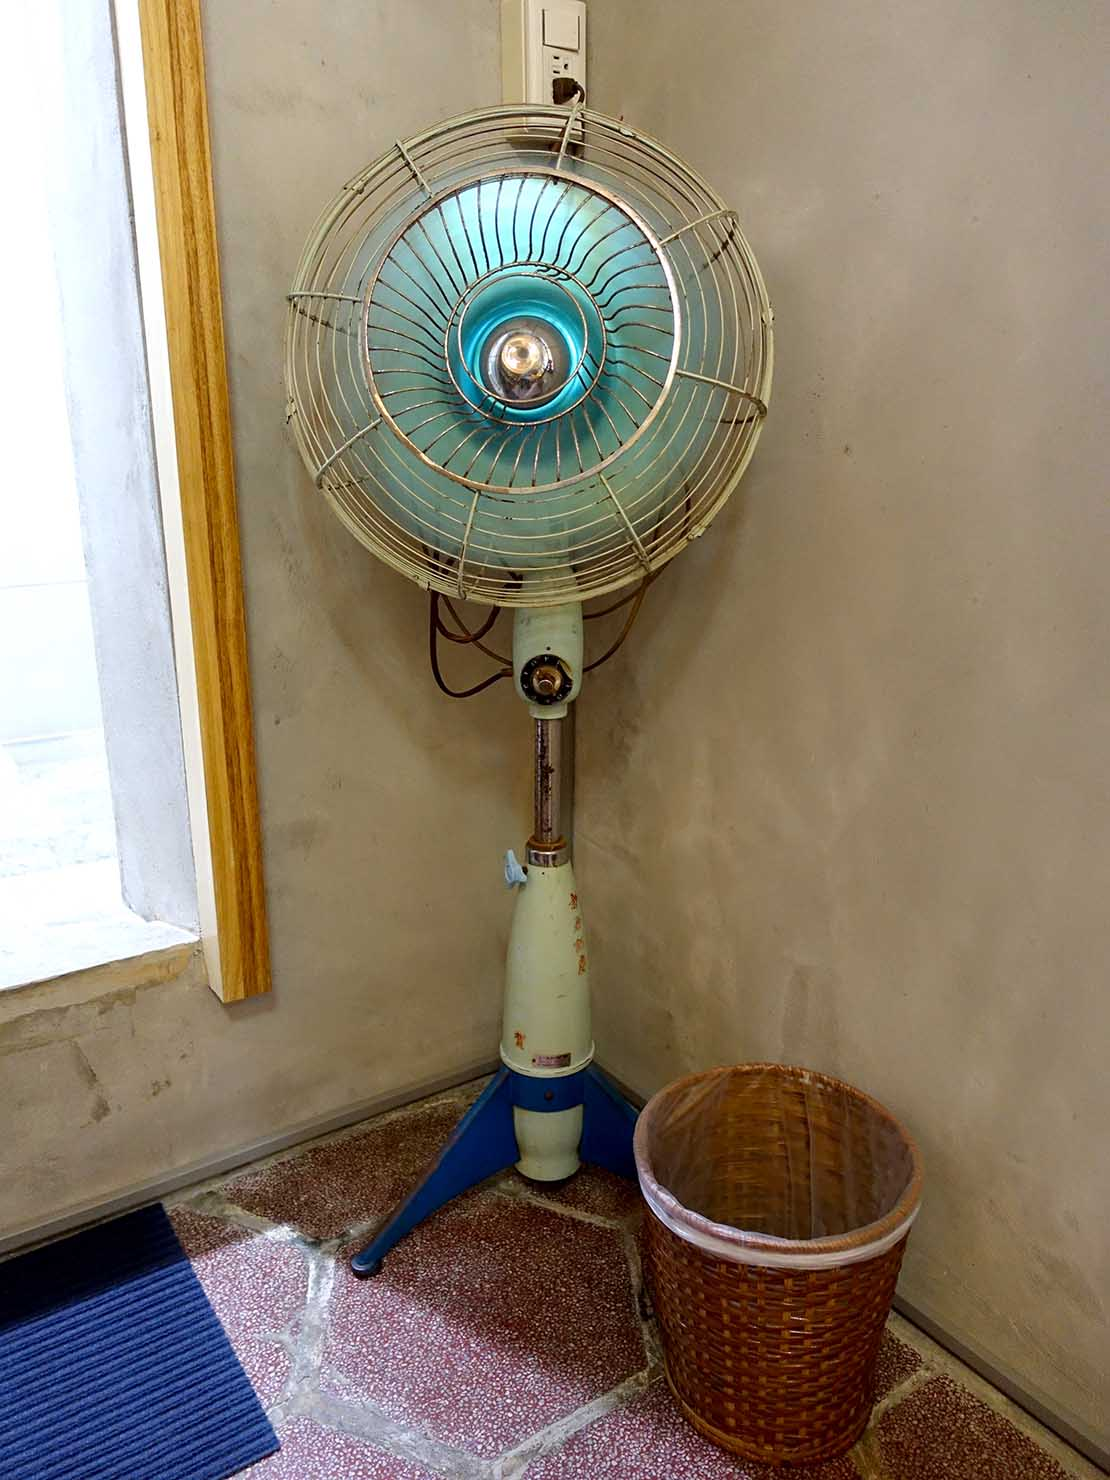 台南のおすすめ古民家ゲストハウス「永福97.1」アティックキャビン1Fに置かれた年代物の扇風機